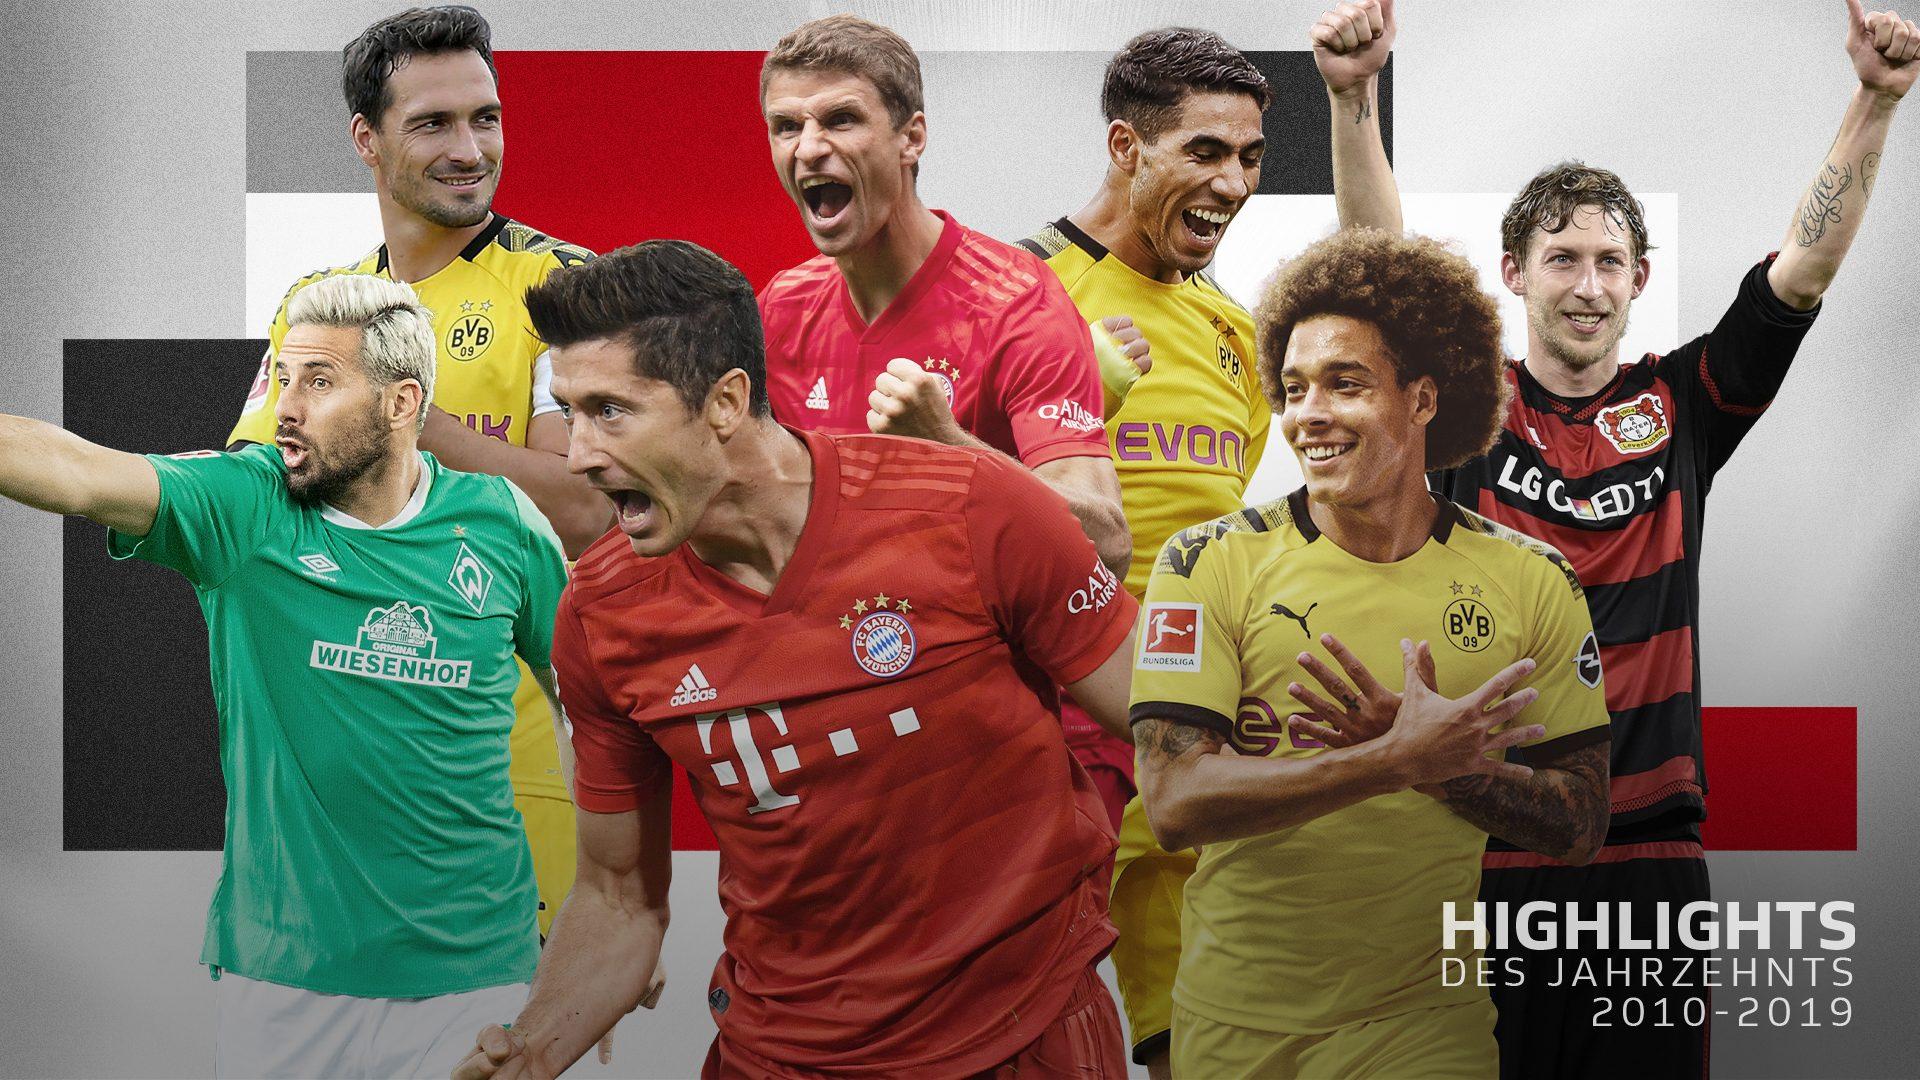 Bundesliga Highlights Des Jahrzehnts Die Top Spieler